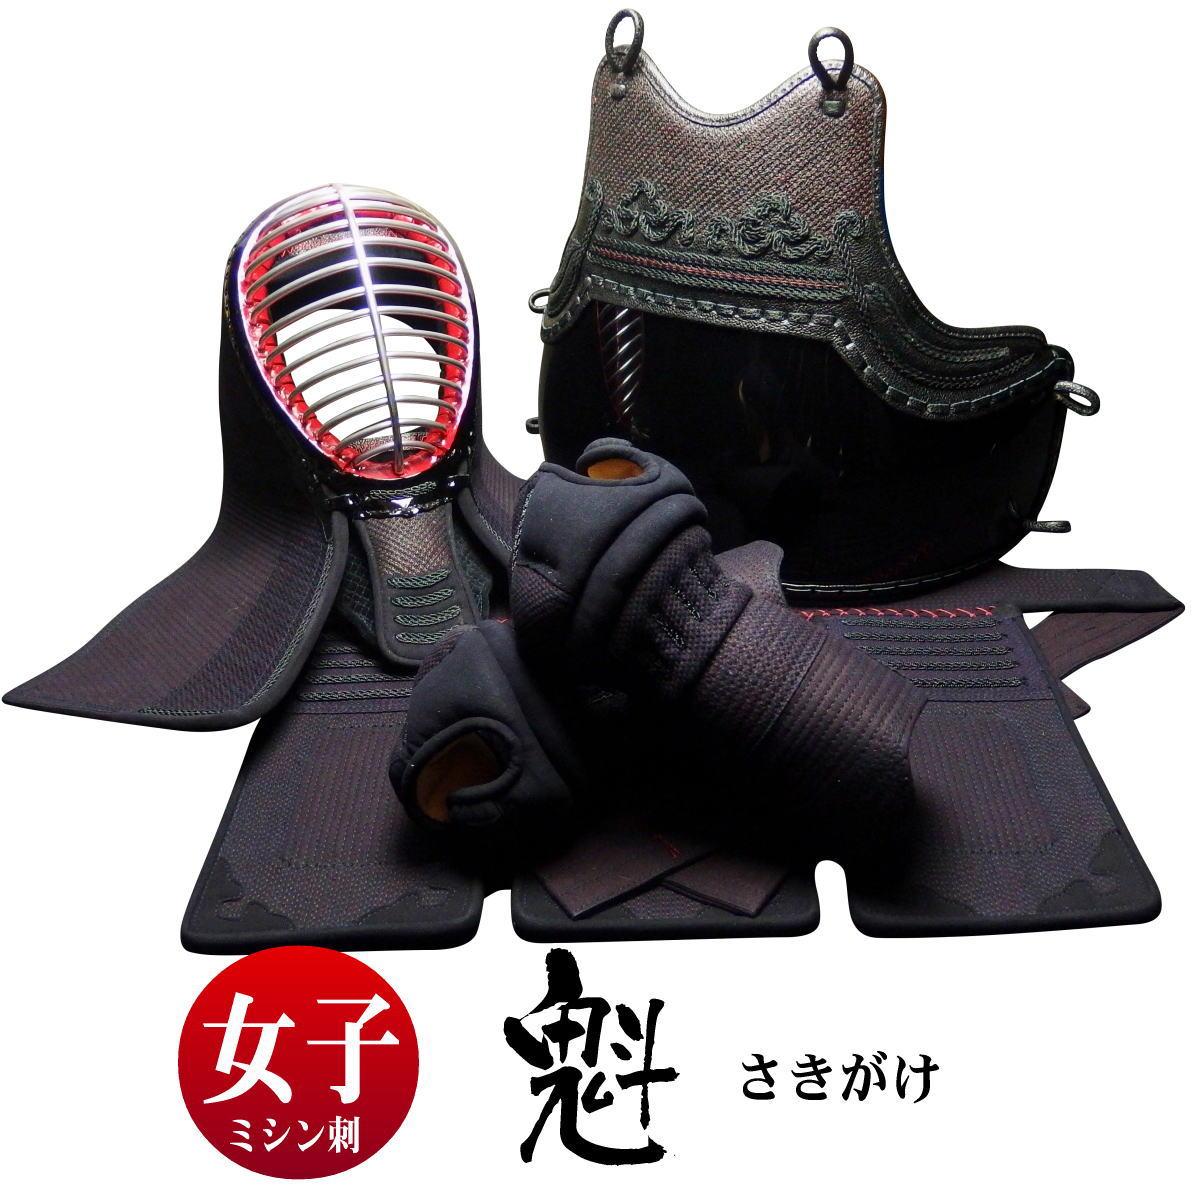 女子に人気のエンジ刺 剣道 防具セット 魁 5mm機械刺